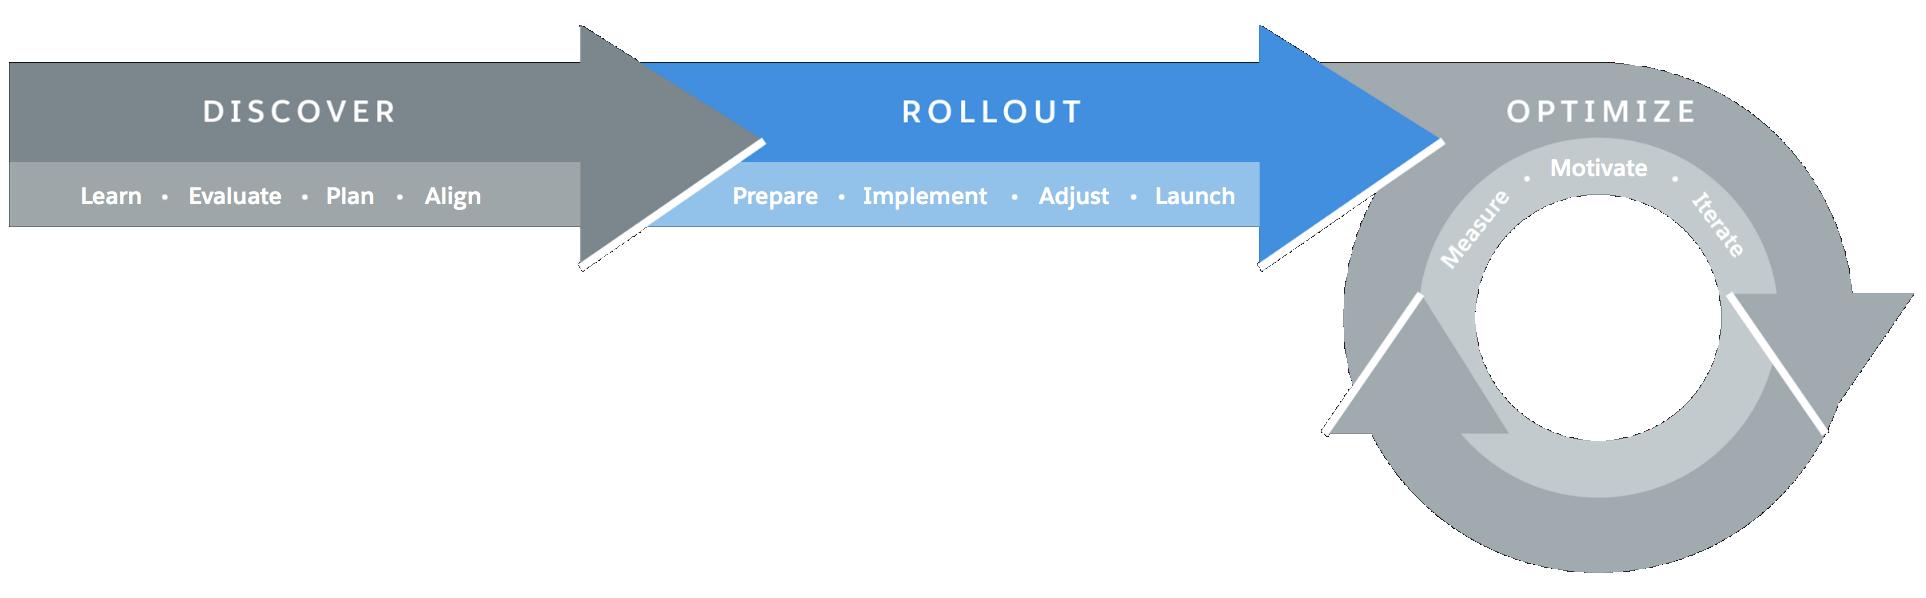 Representação visual da estrutura de transição do Lightning Experience, com a fase de implantação destacada